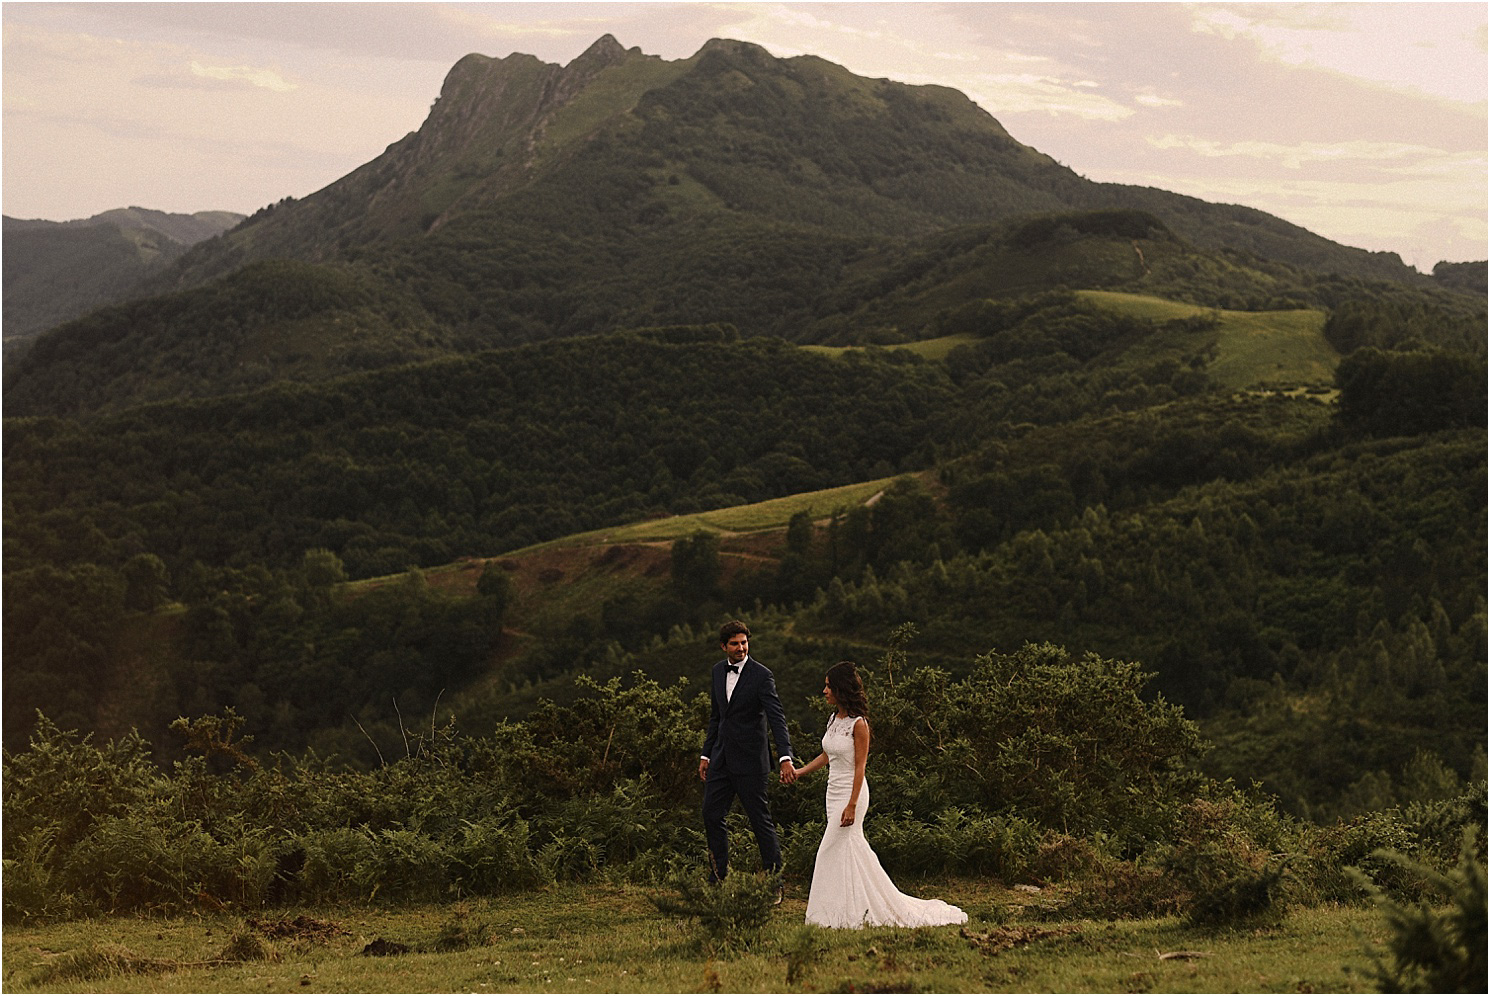 Destination wedding photographer San Sebastian - Destination wedding Donostia San Sebastián - Fotógrafo de bodas internacional-9